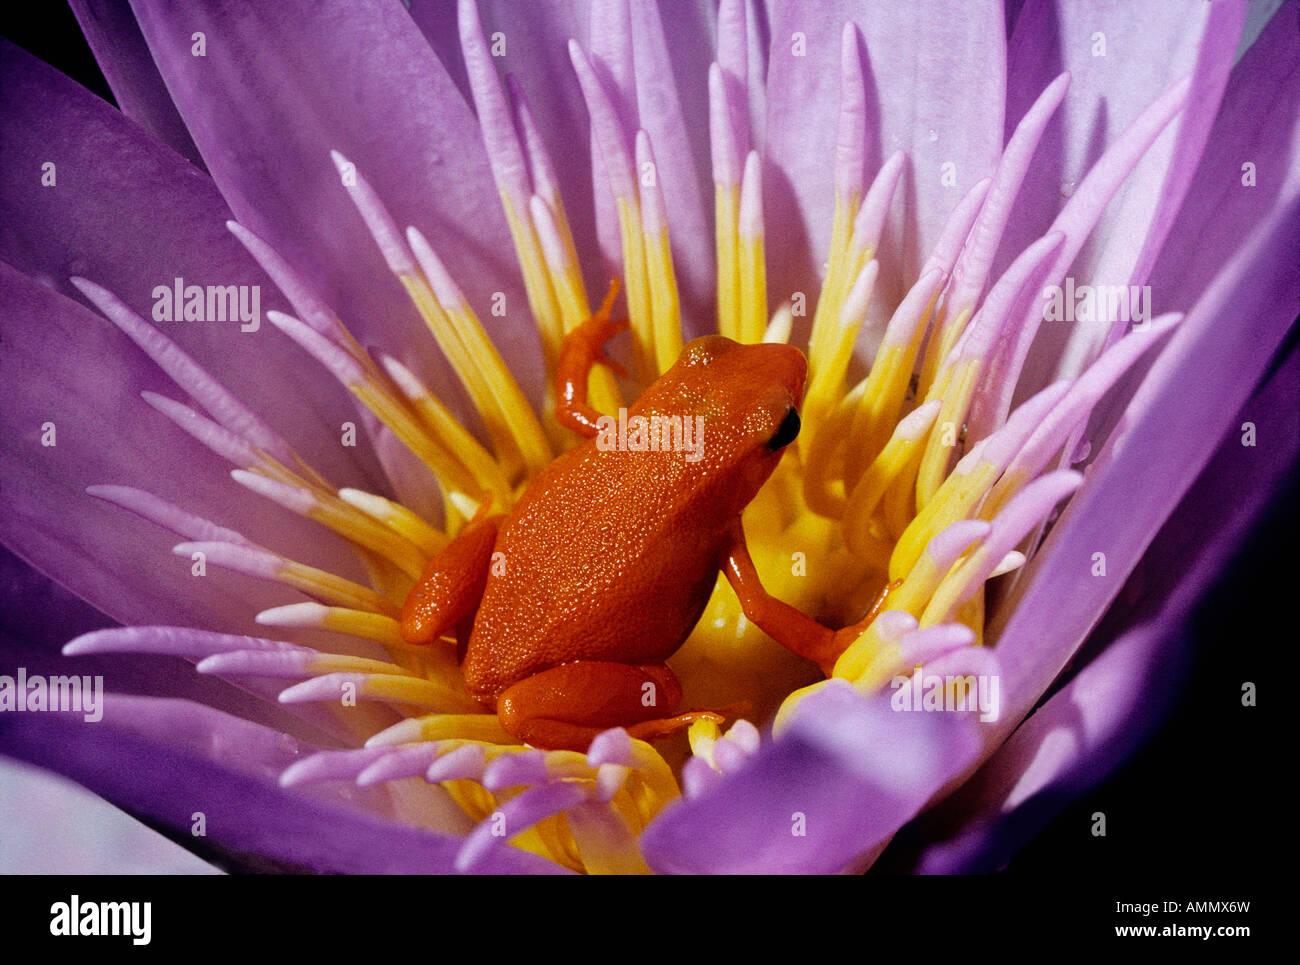 Fleur Stock Photos Fleur Stock Images Alamy